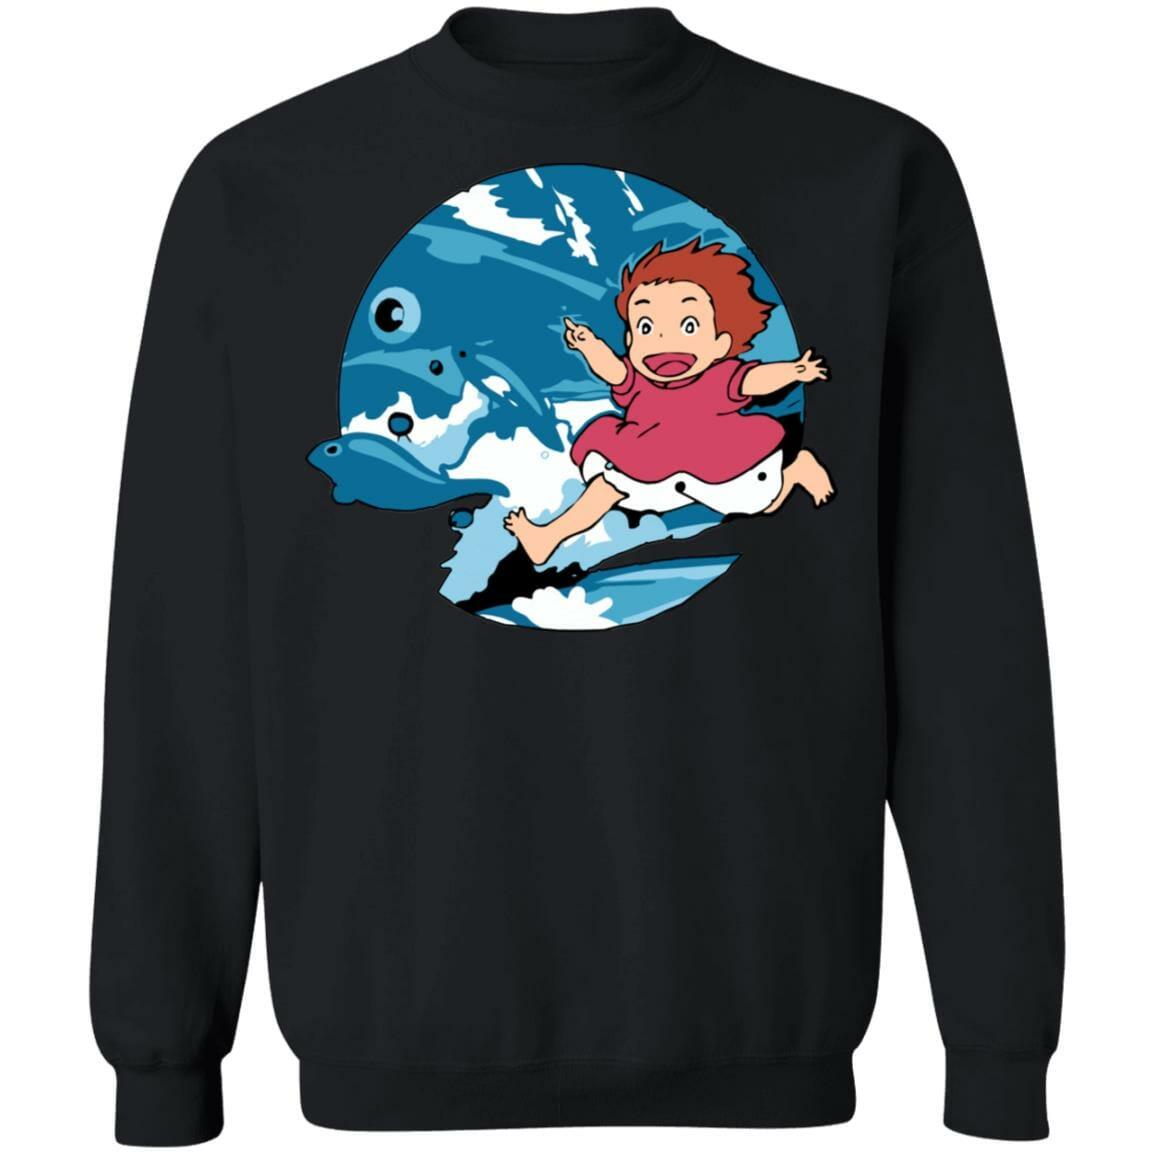 Ghibli Studio Ponyo On The Waves Sweatshirt Unisex